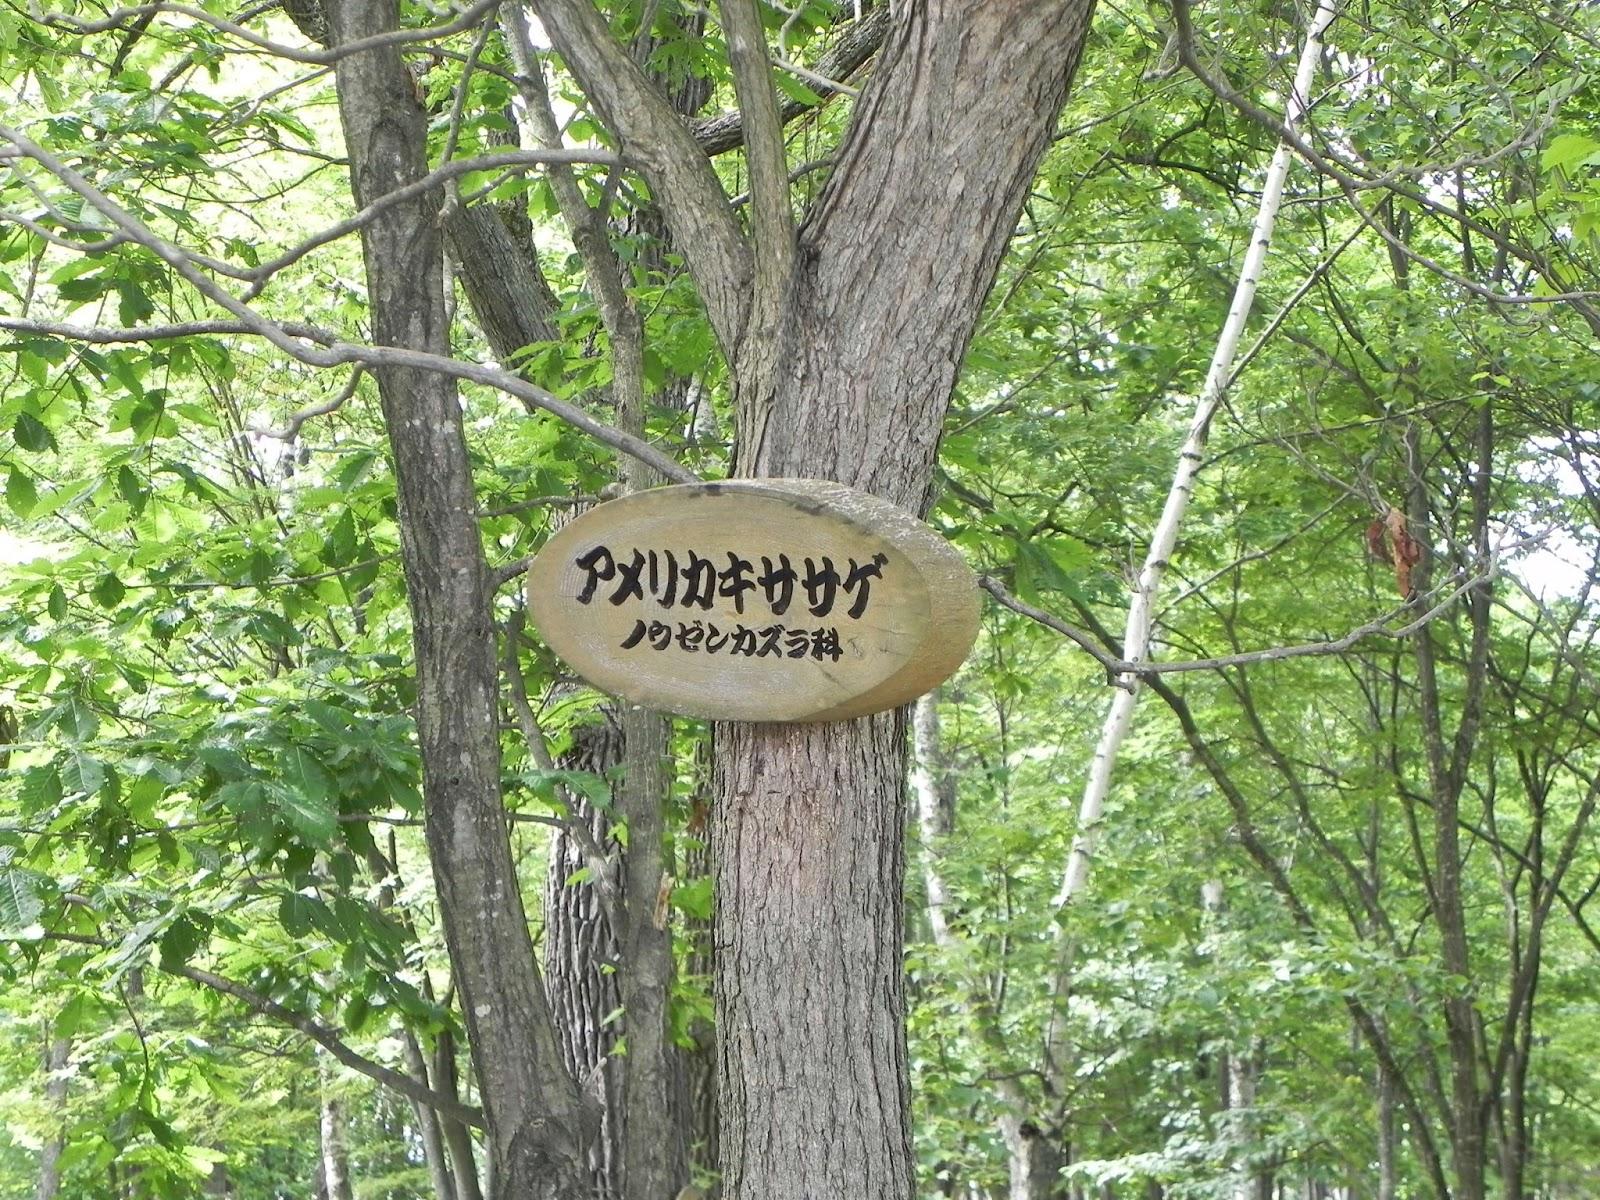 コドモリ.com: アメリカキササゲ 葉・つぼみ/神楽岡公園 2015.6.29